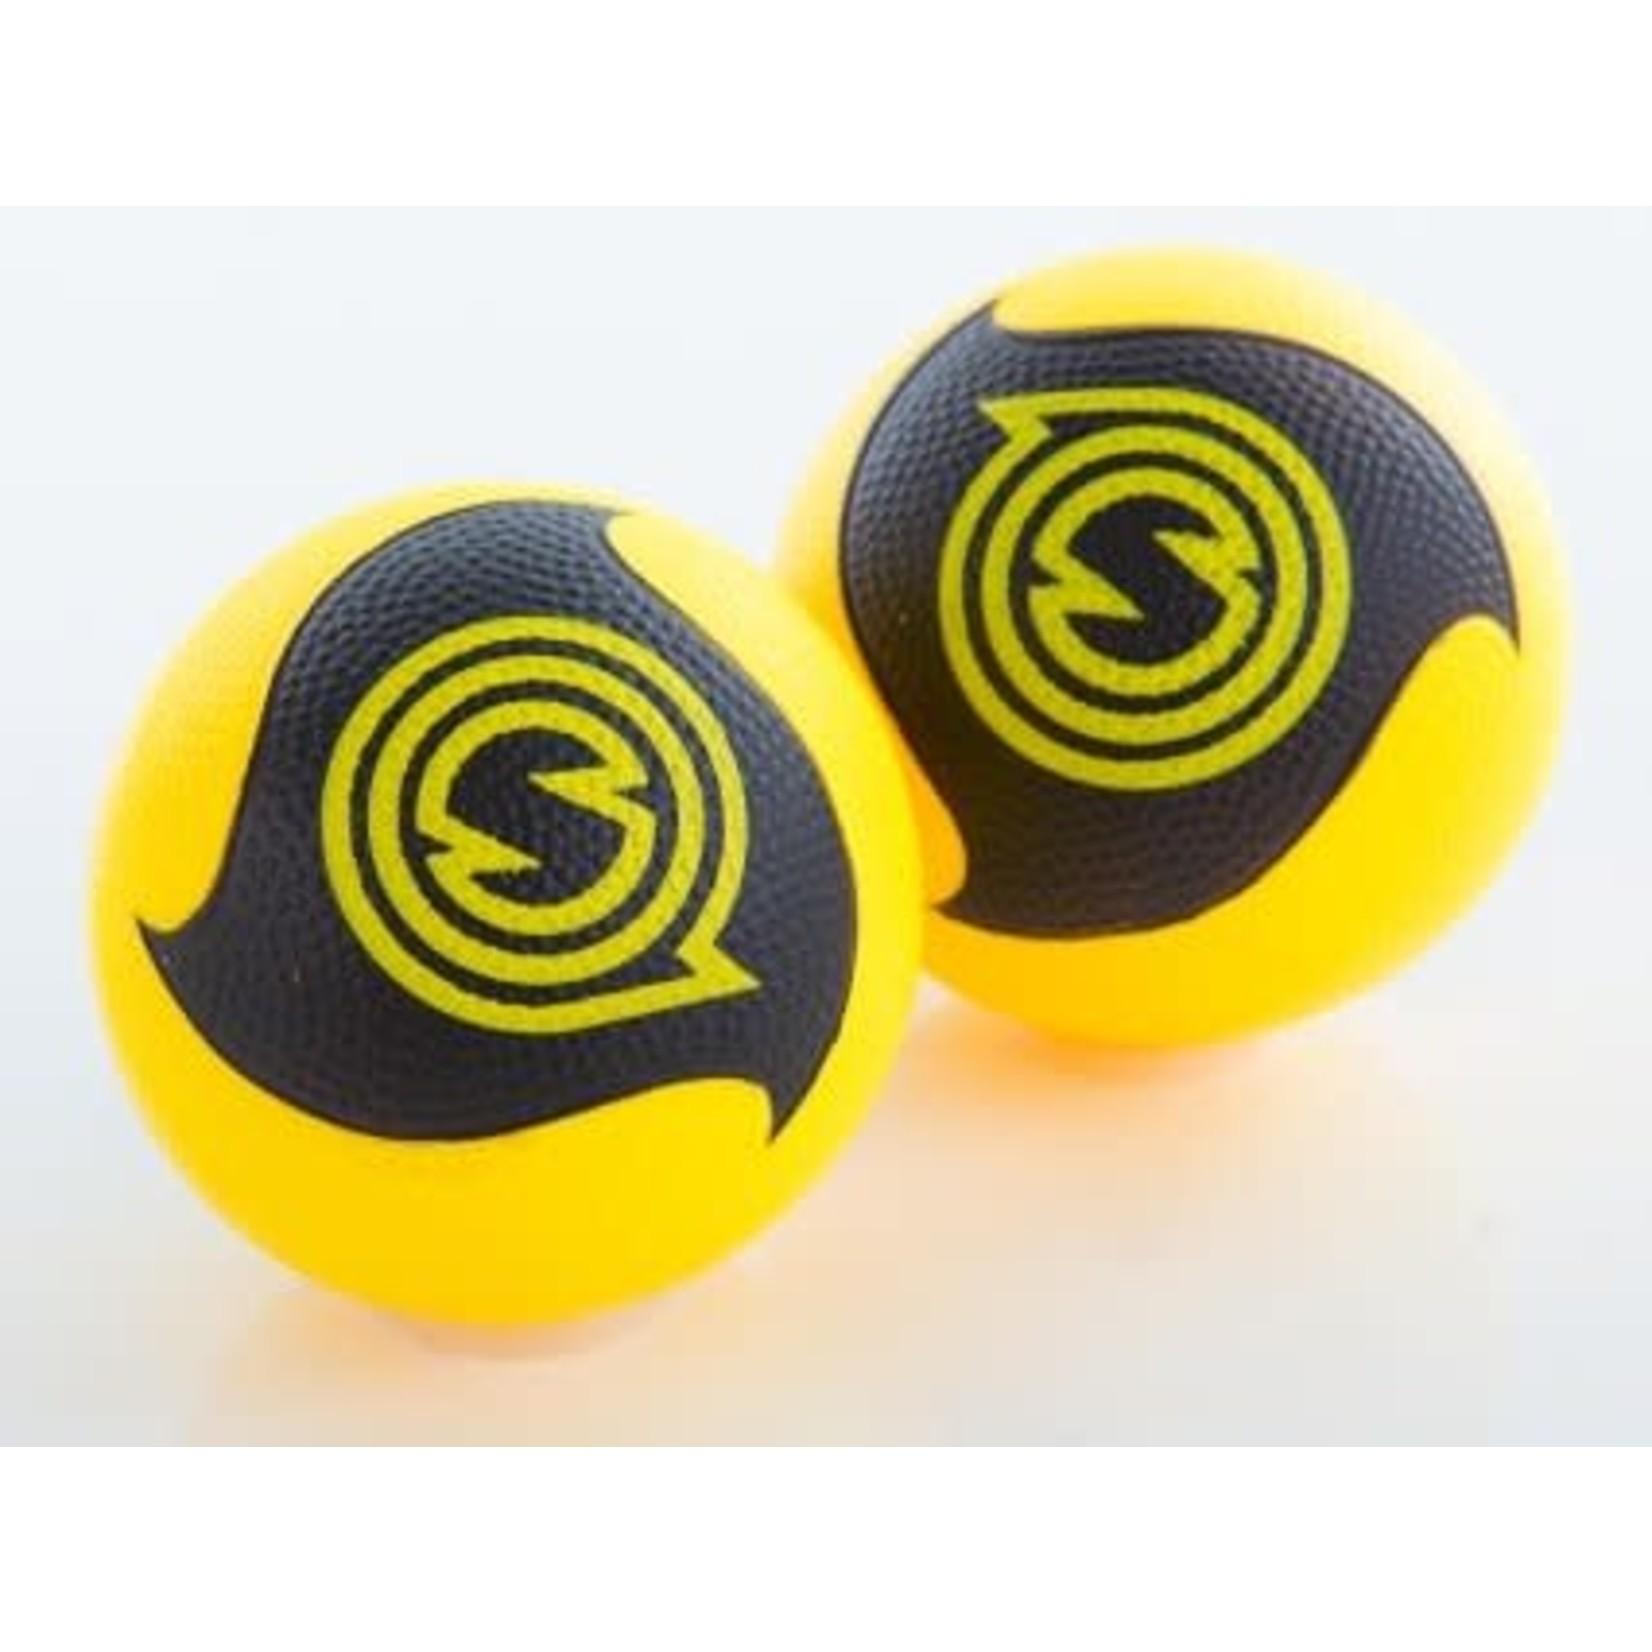 Spikeball Spikeball Pro Replacement Ball, 2-Pack